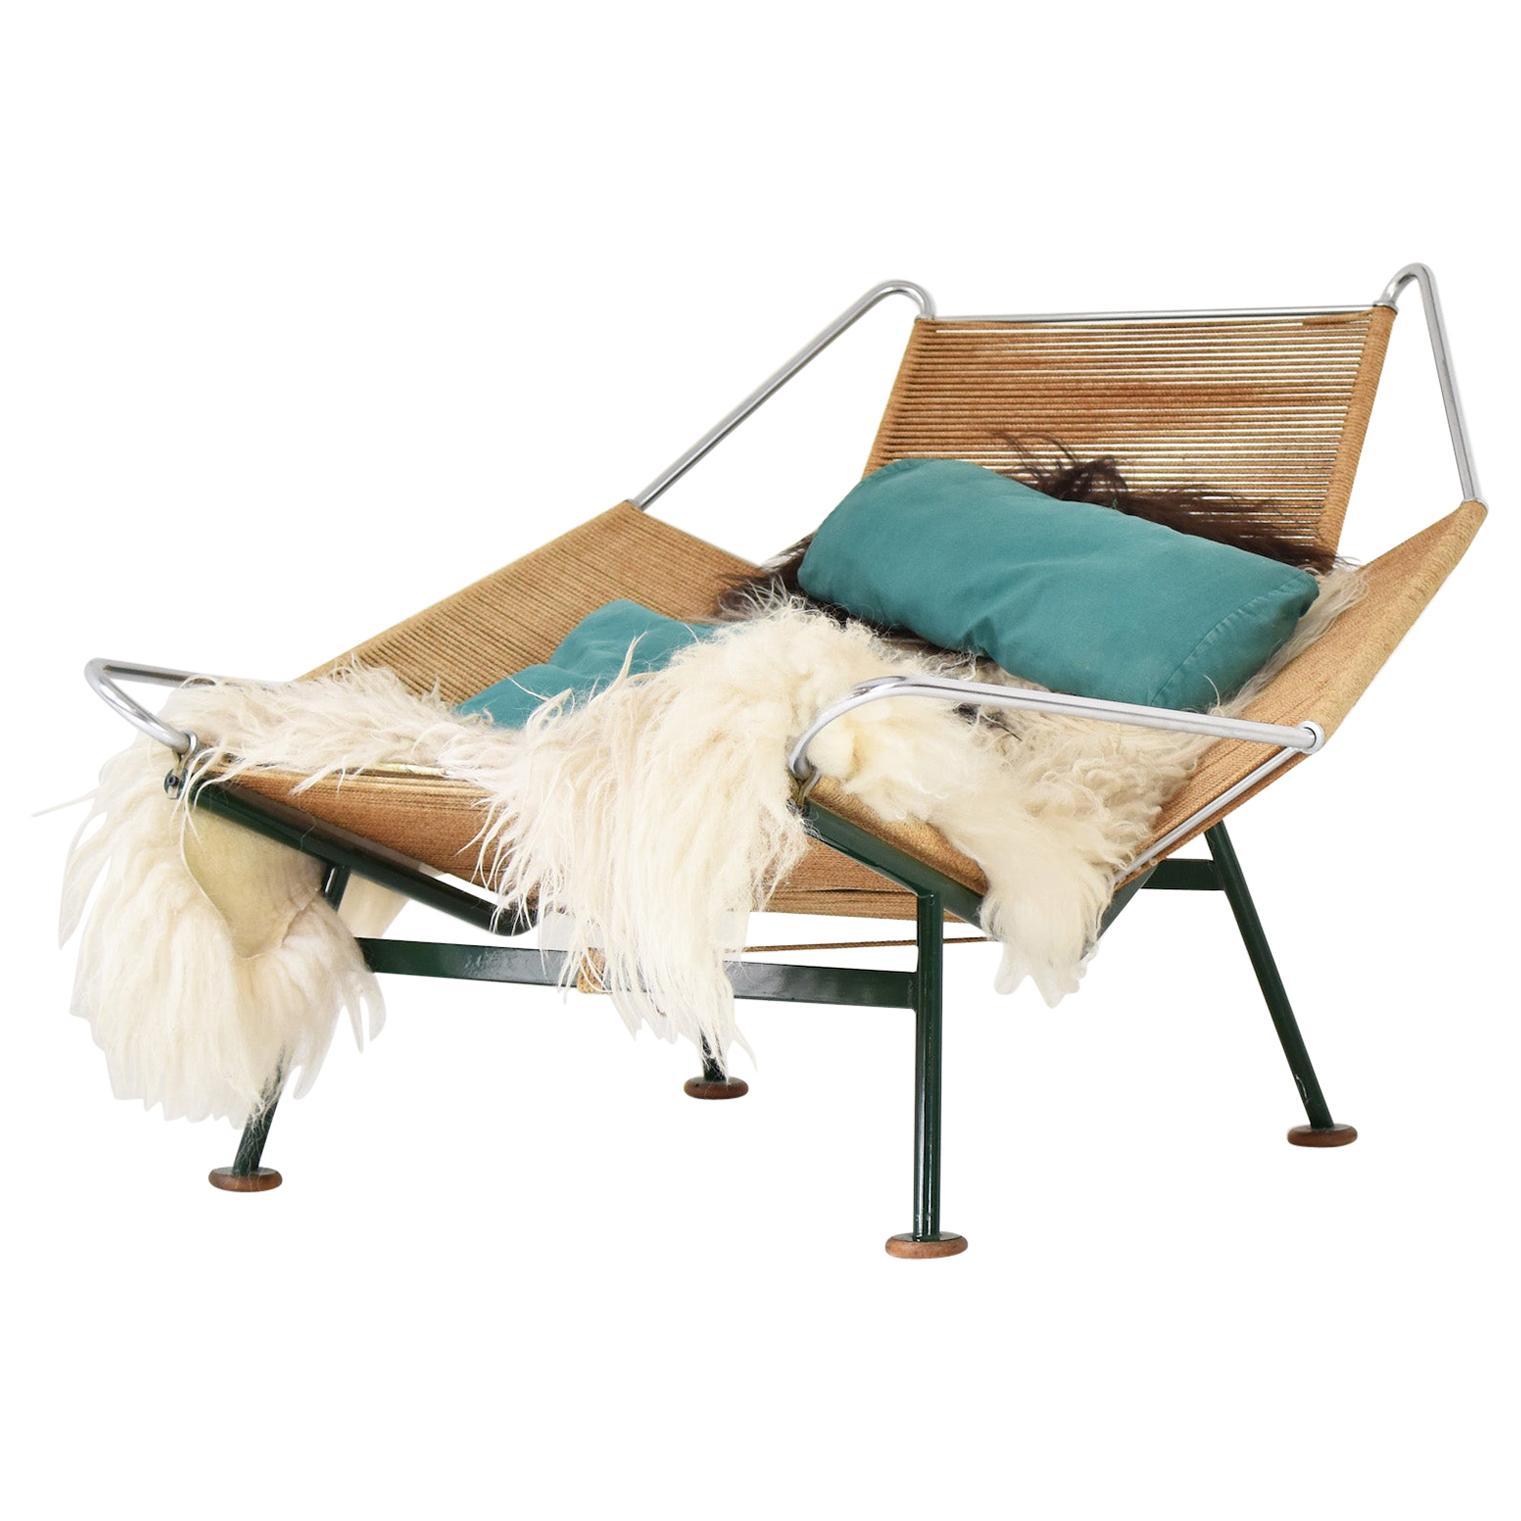 Flag Halyard GE225 Easy Chair by Hans J. Wegner for GETAMA, Denmark, 1950s